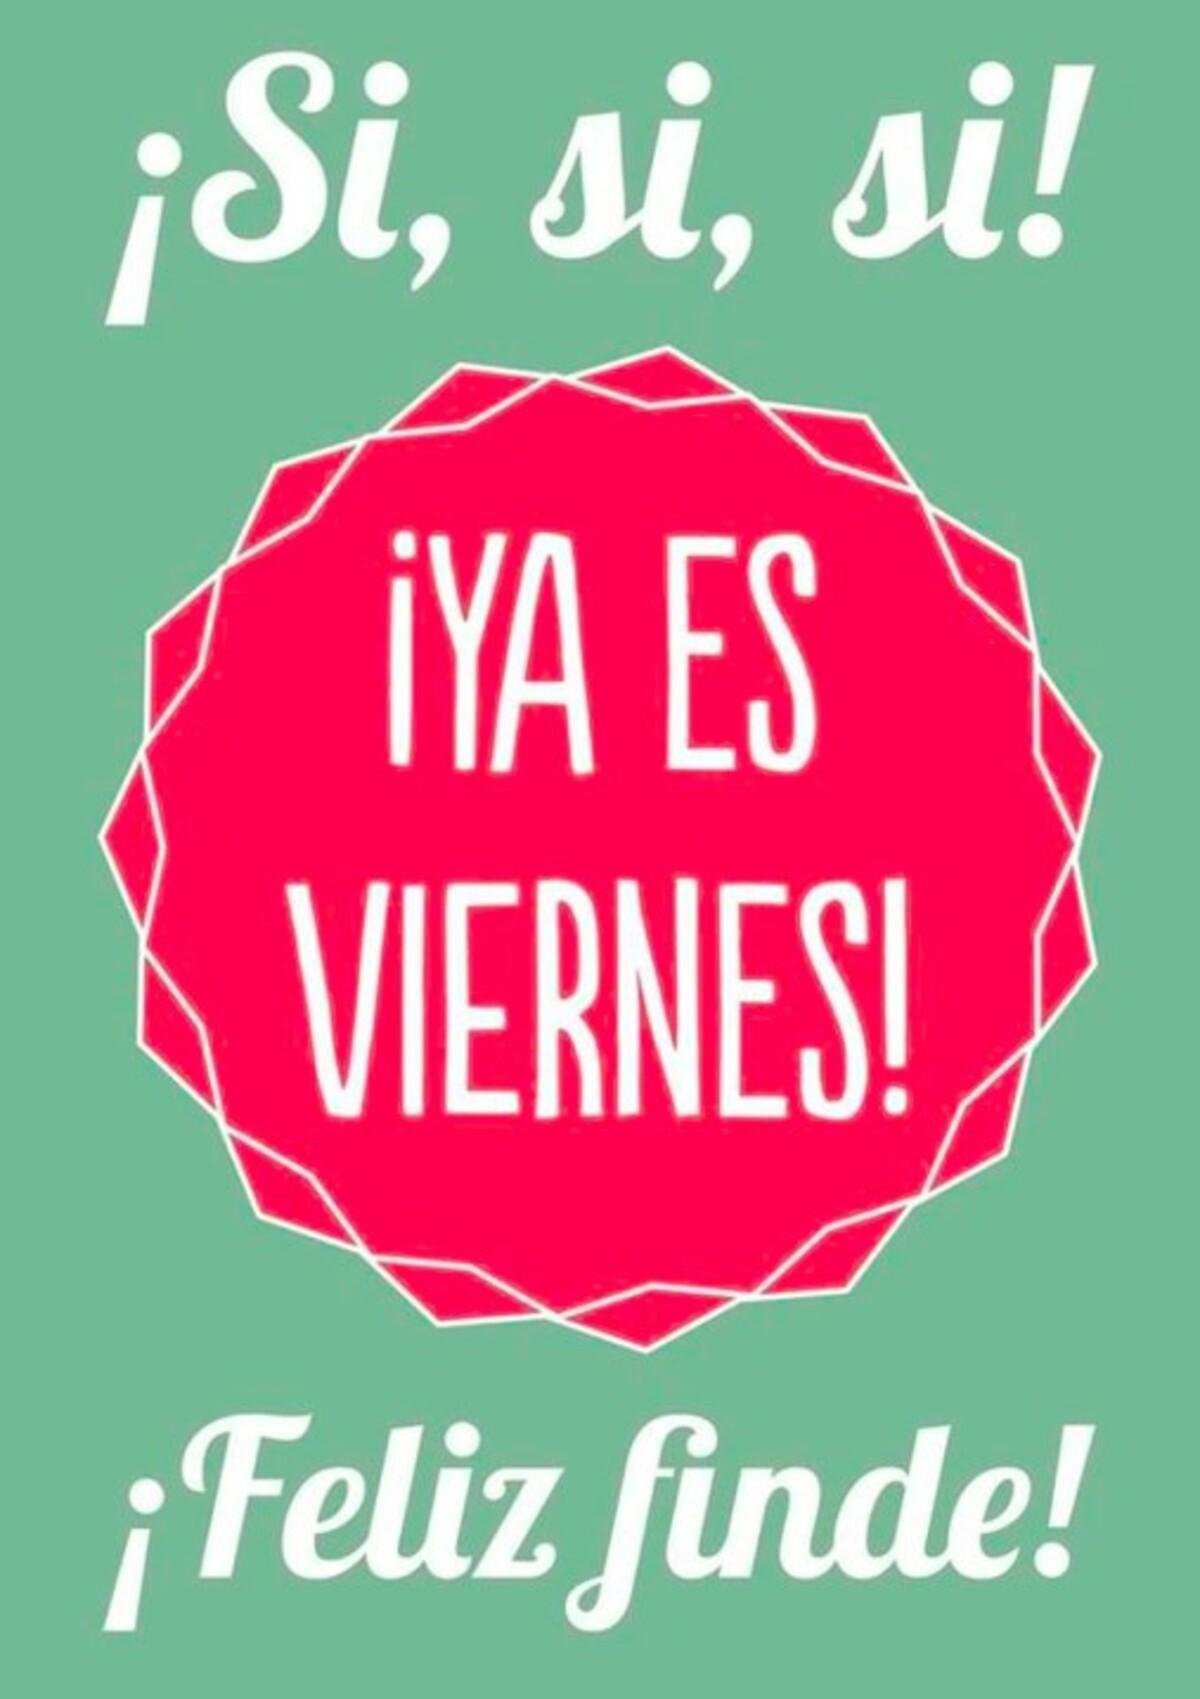 si, si, si! ya es viernes! feliz finde!!